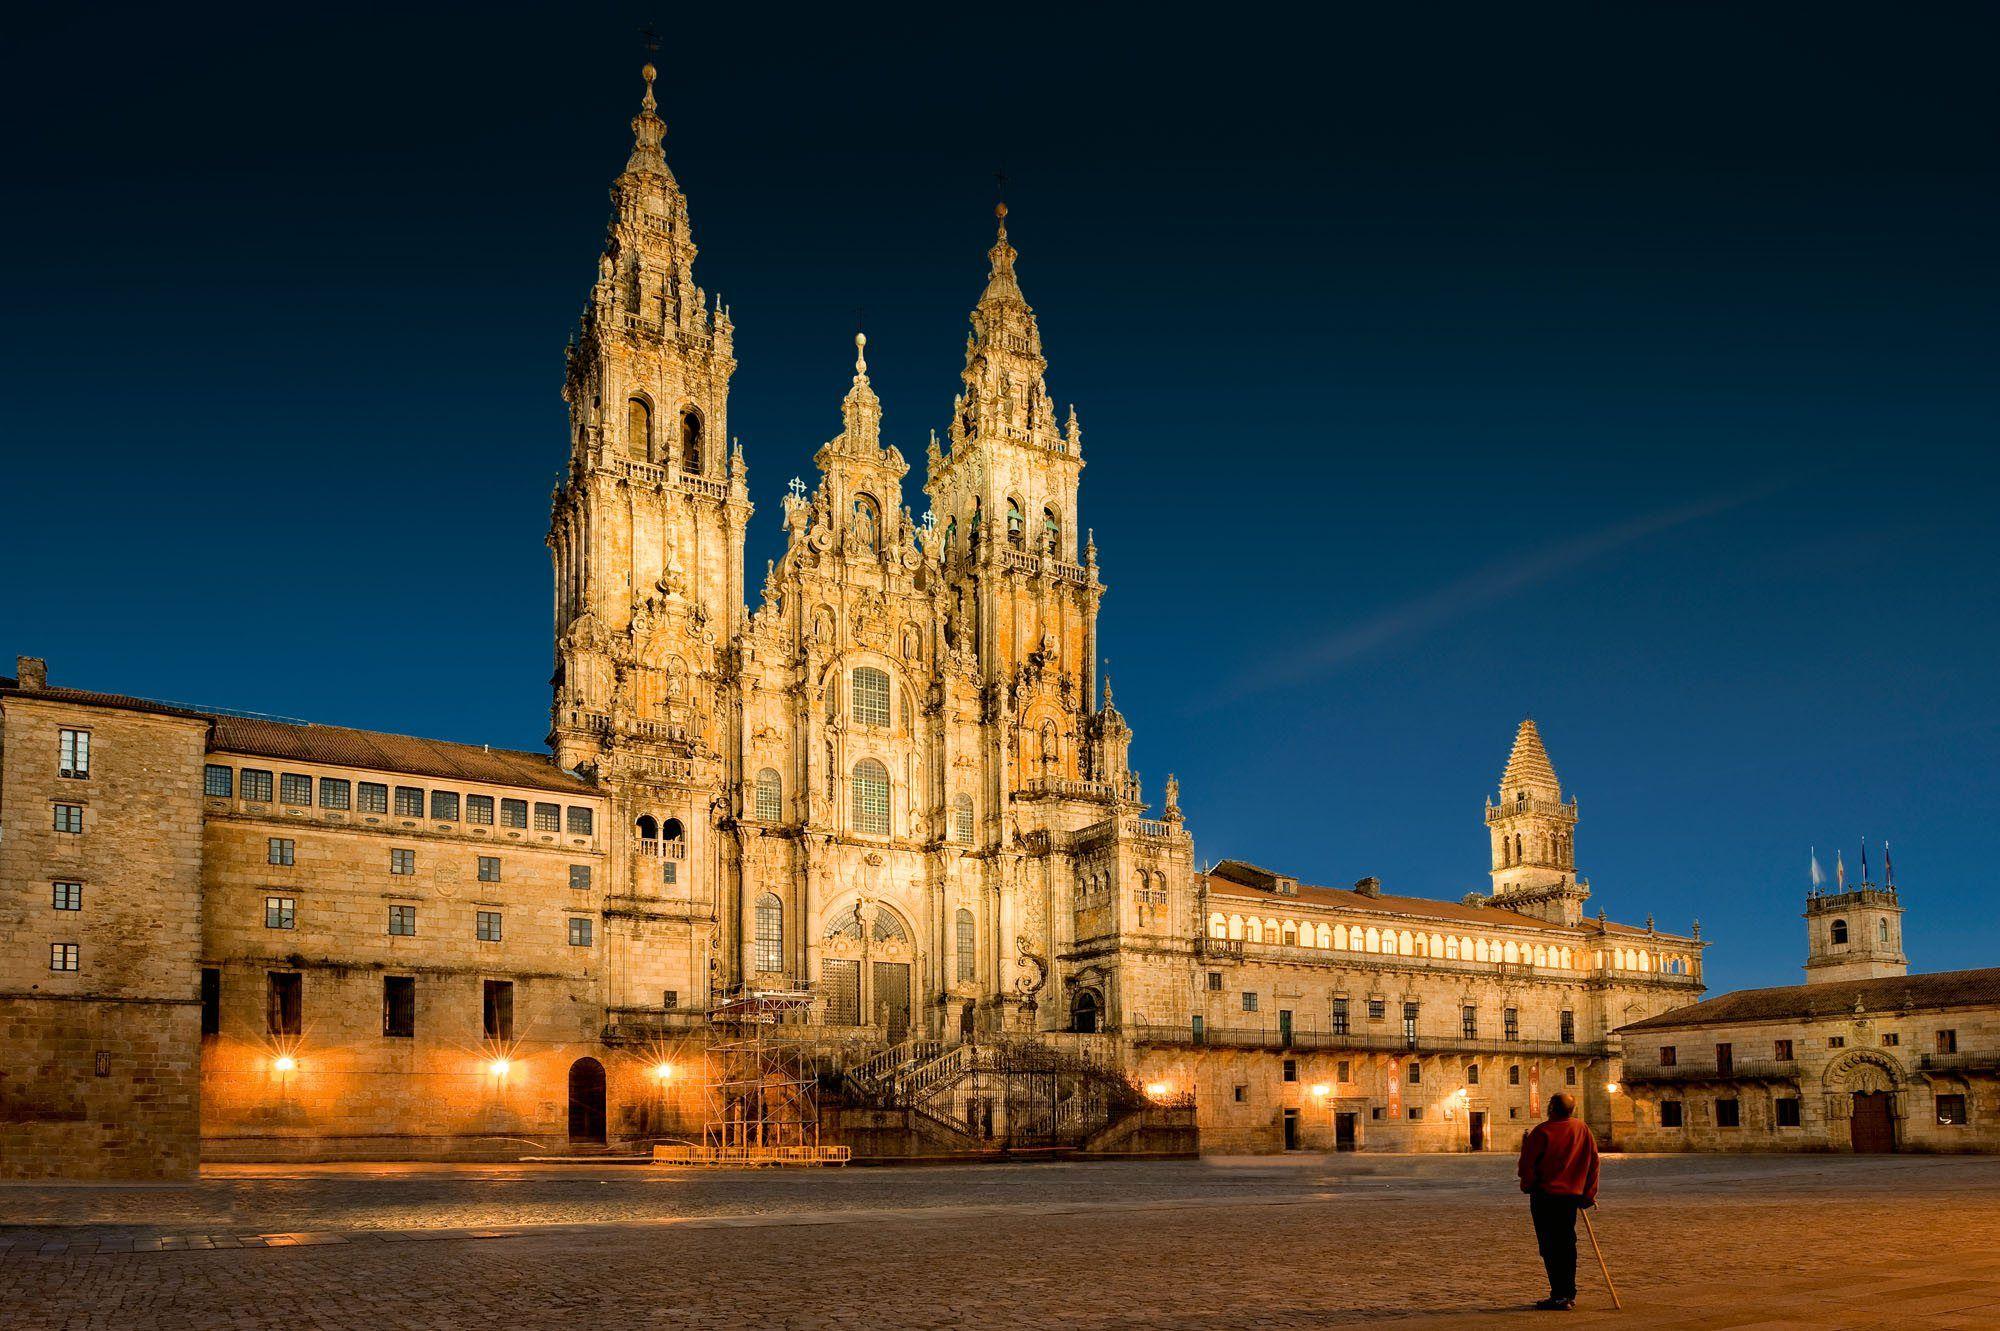 La Catedral De Santiago National Geographic En Español Grandes Reportajes Santiago De Compostela Catedral Catedral De Milan